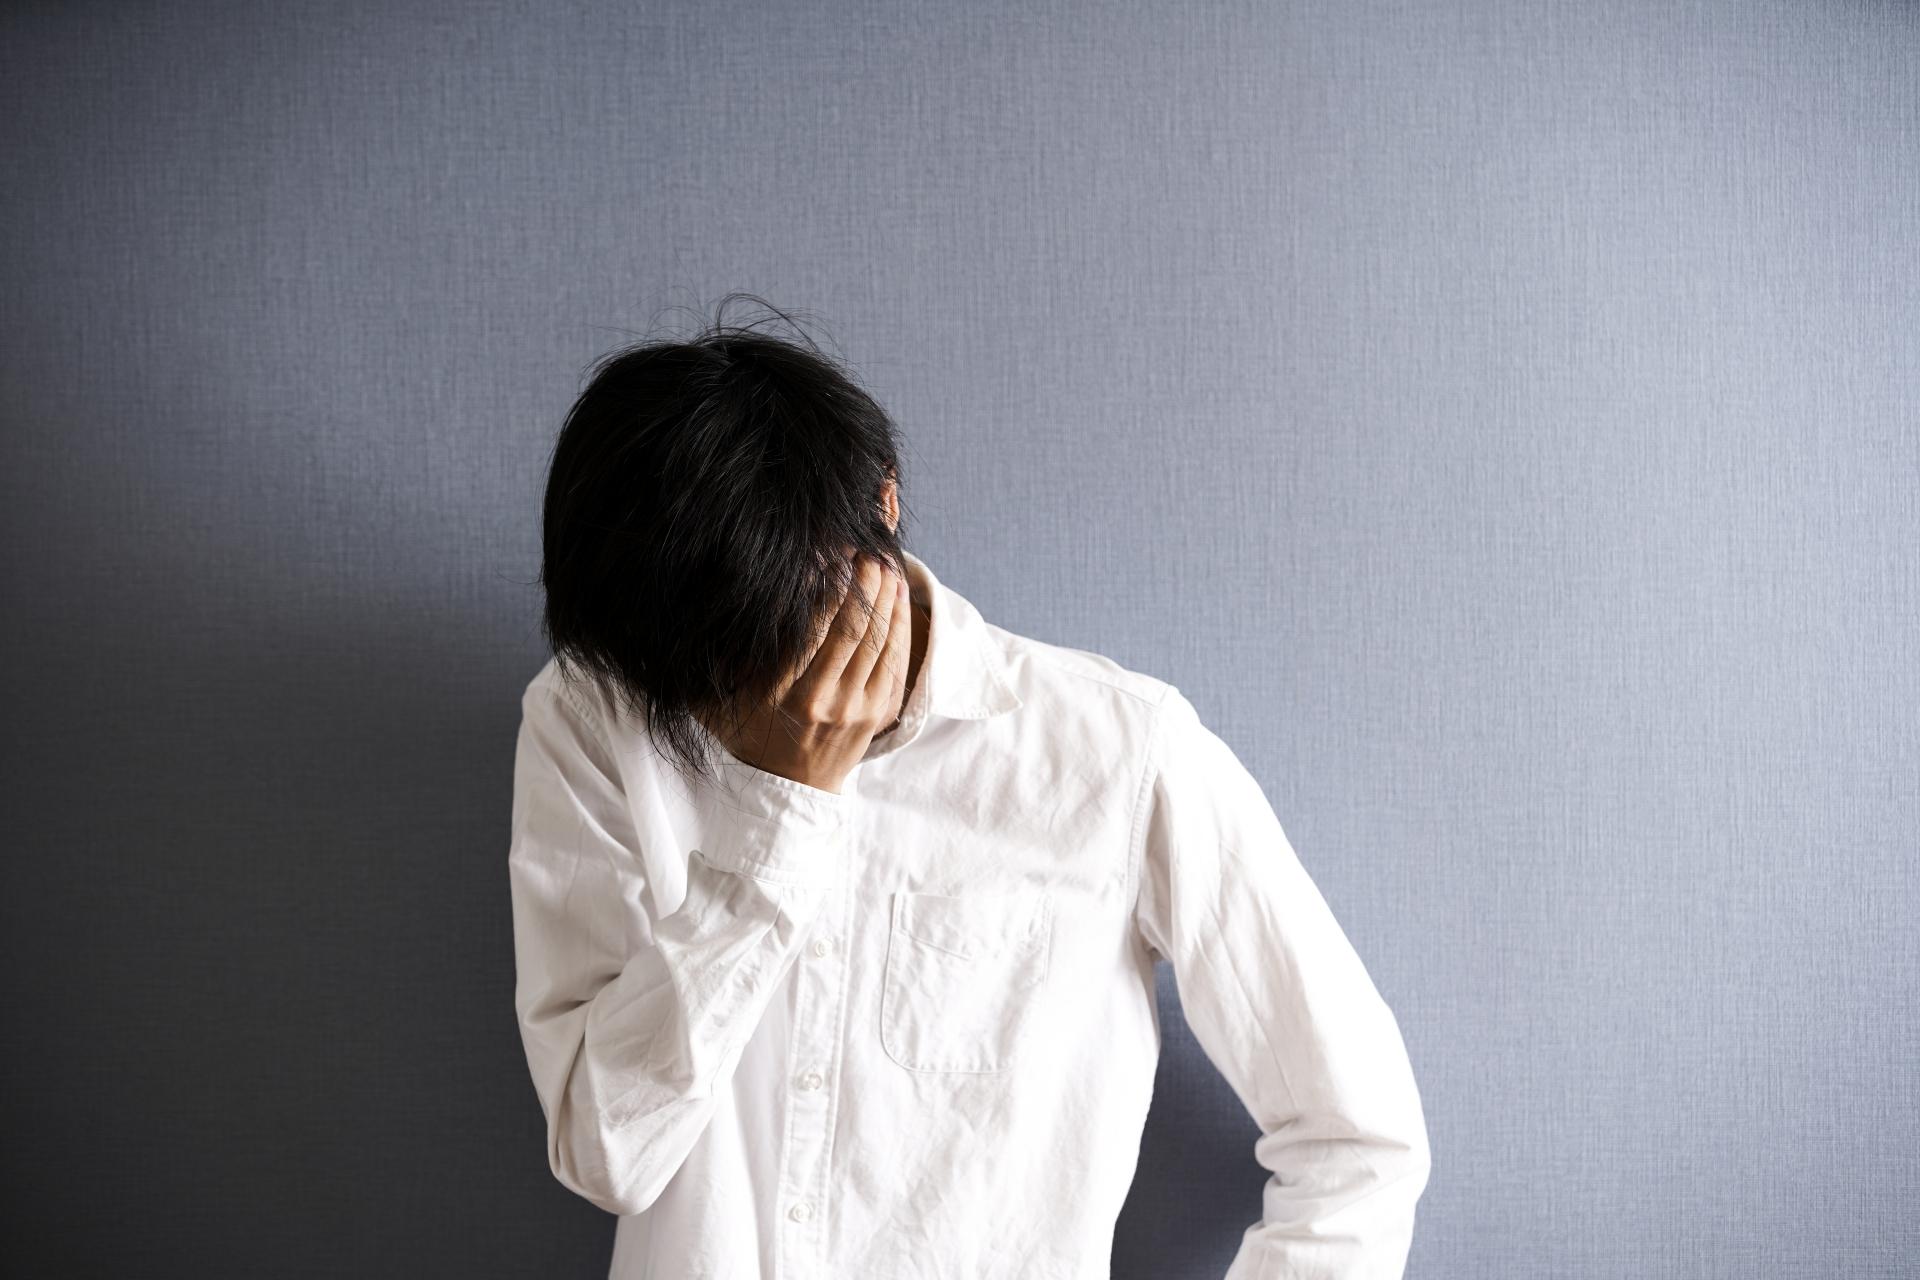 【公務員試験】筆記に受からない・落ちる人の特徴